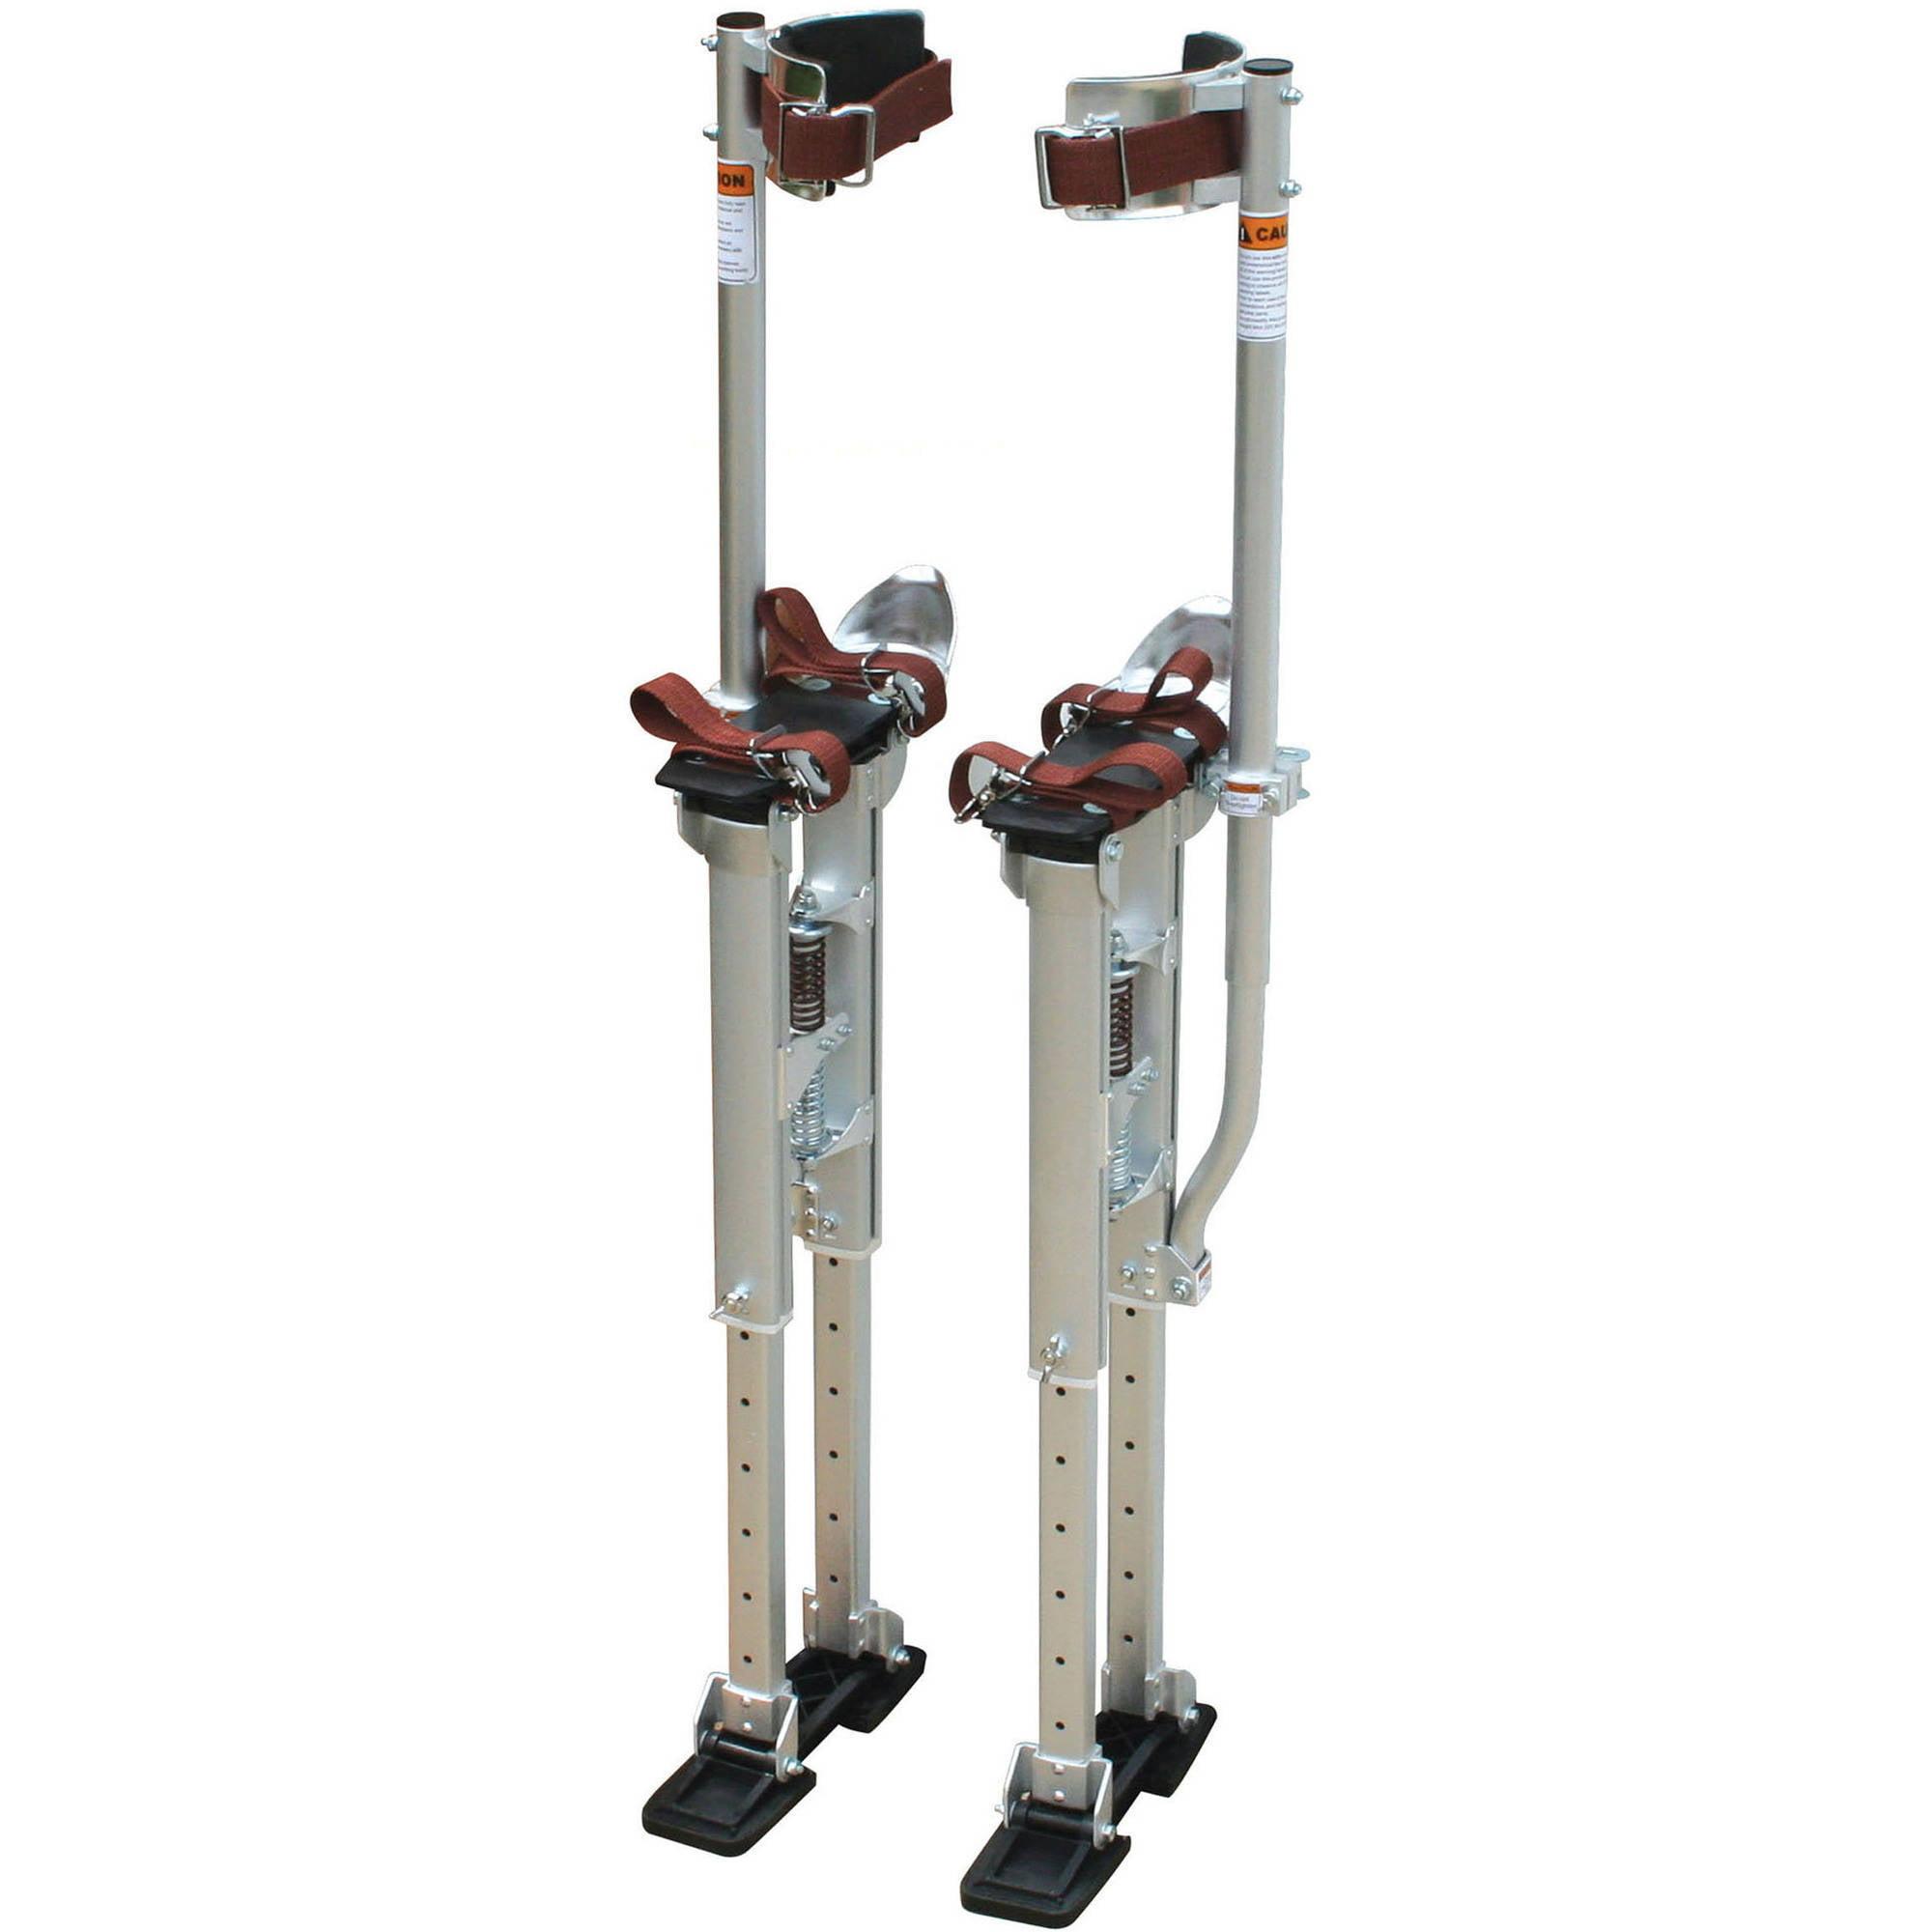 Pro Series Heavy-duty Dry Wall Stilts